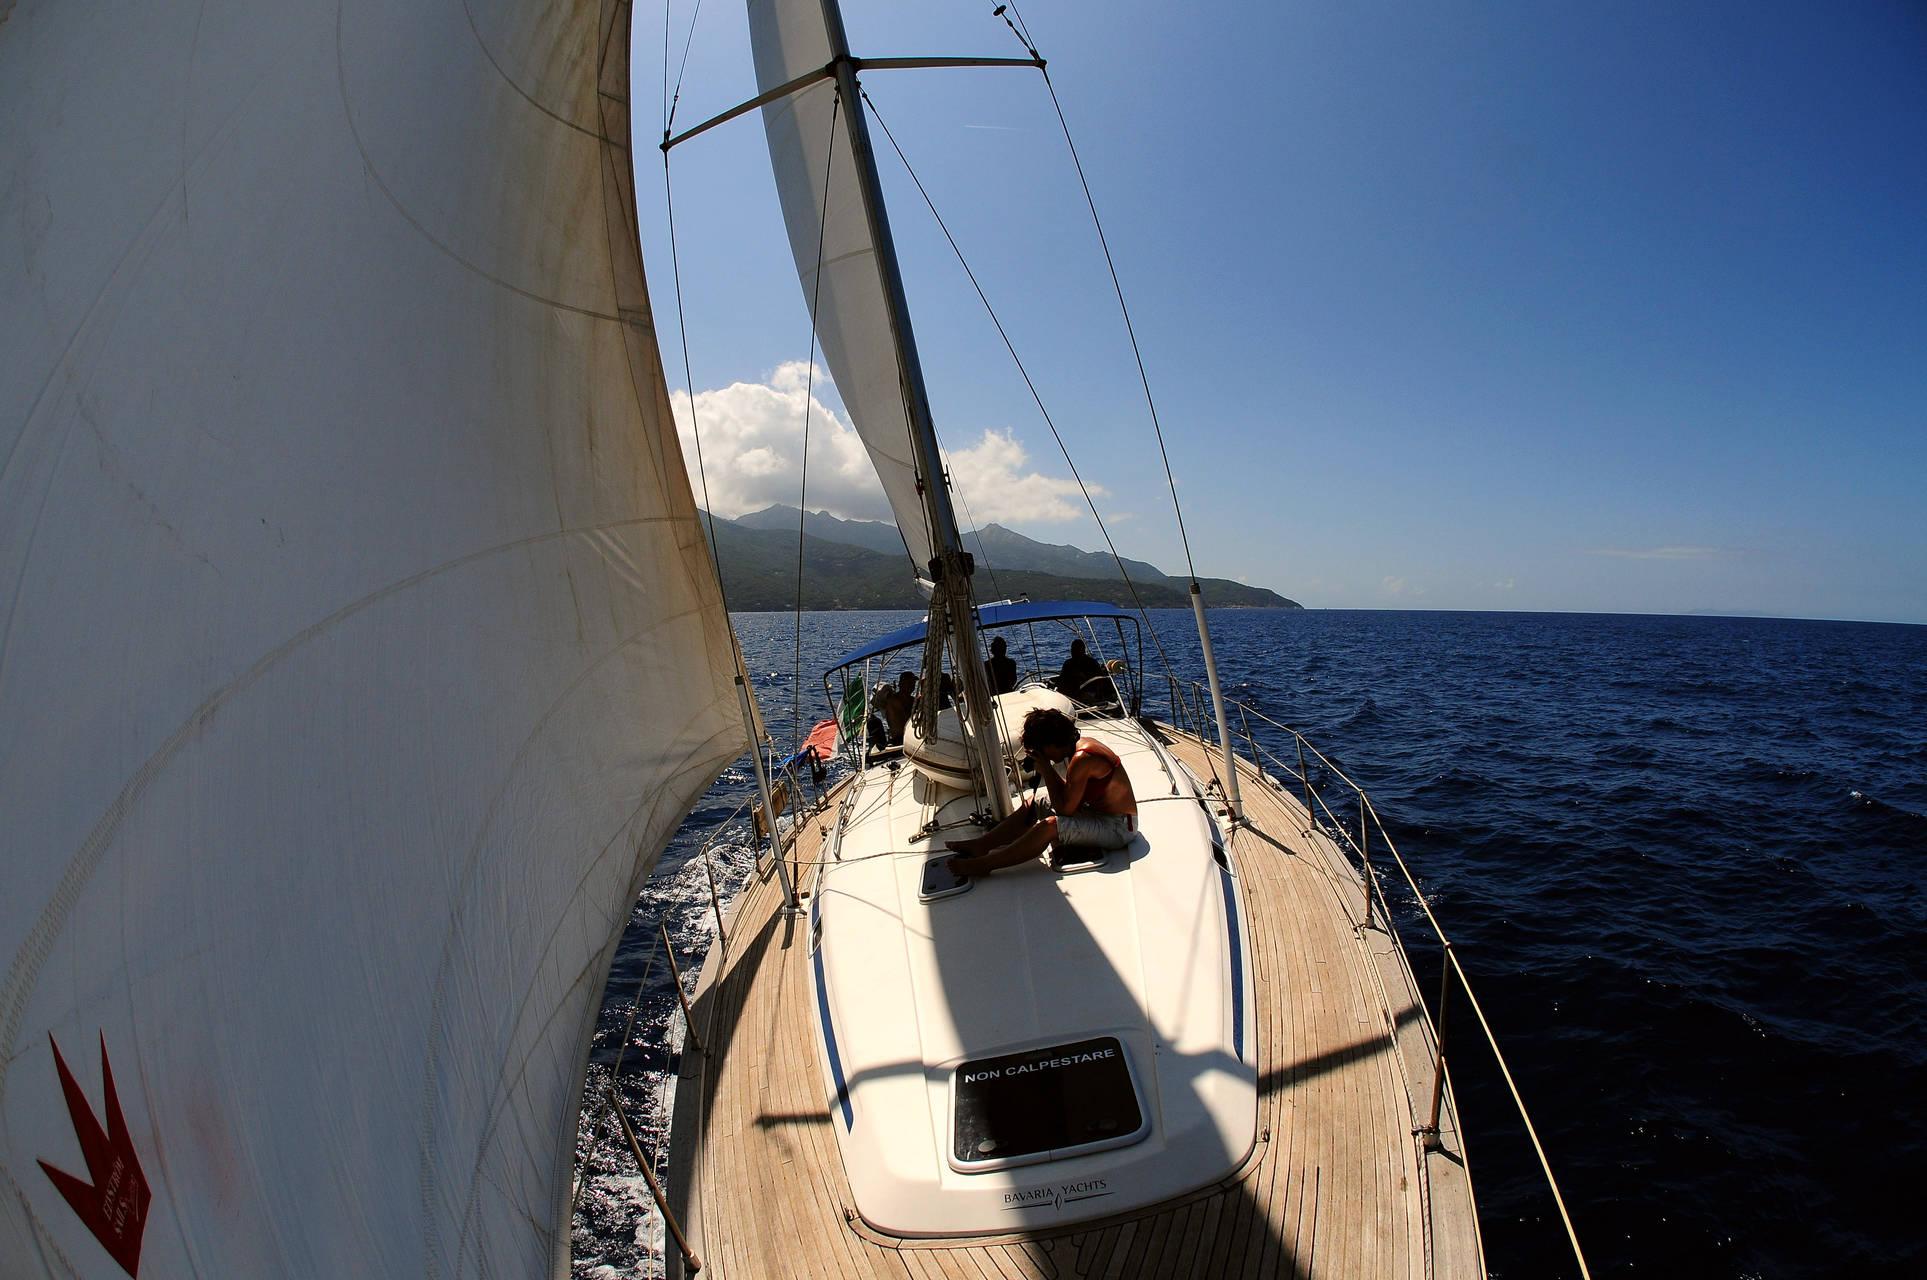 vacanze in barca a vela Elba e Corsica